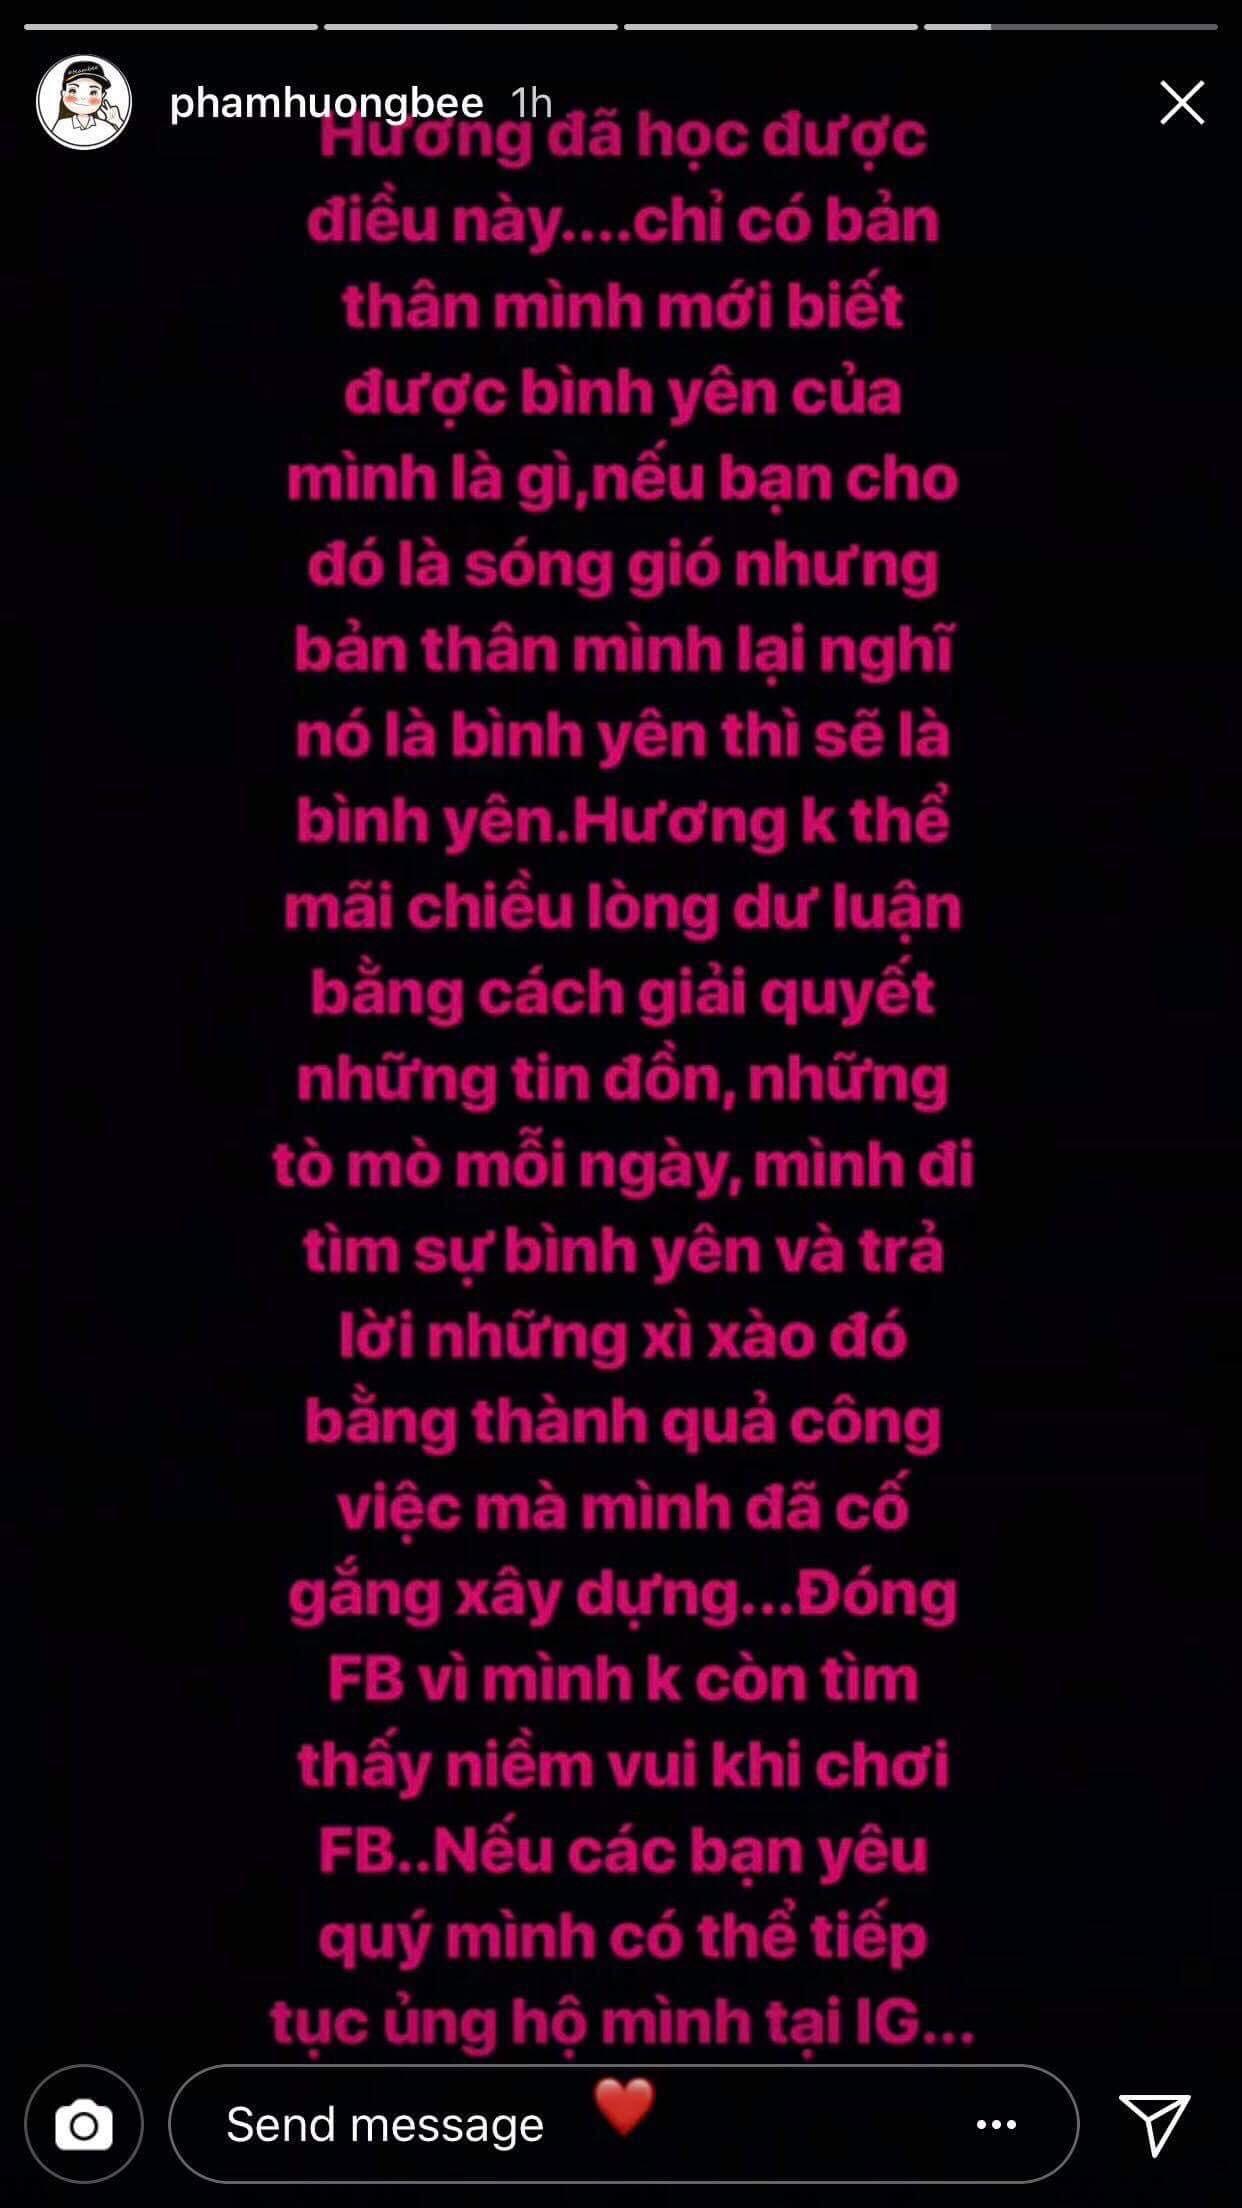 Đây là lí do khiến Phạm Hương quyết định không còn sử dụng Facebook - Ảnh 1.